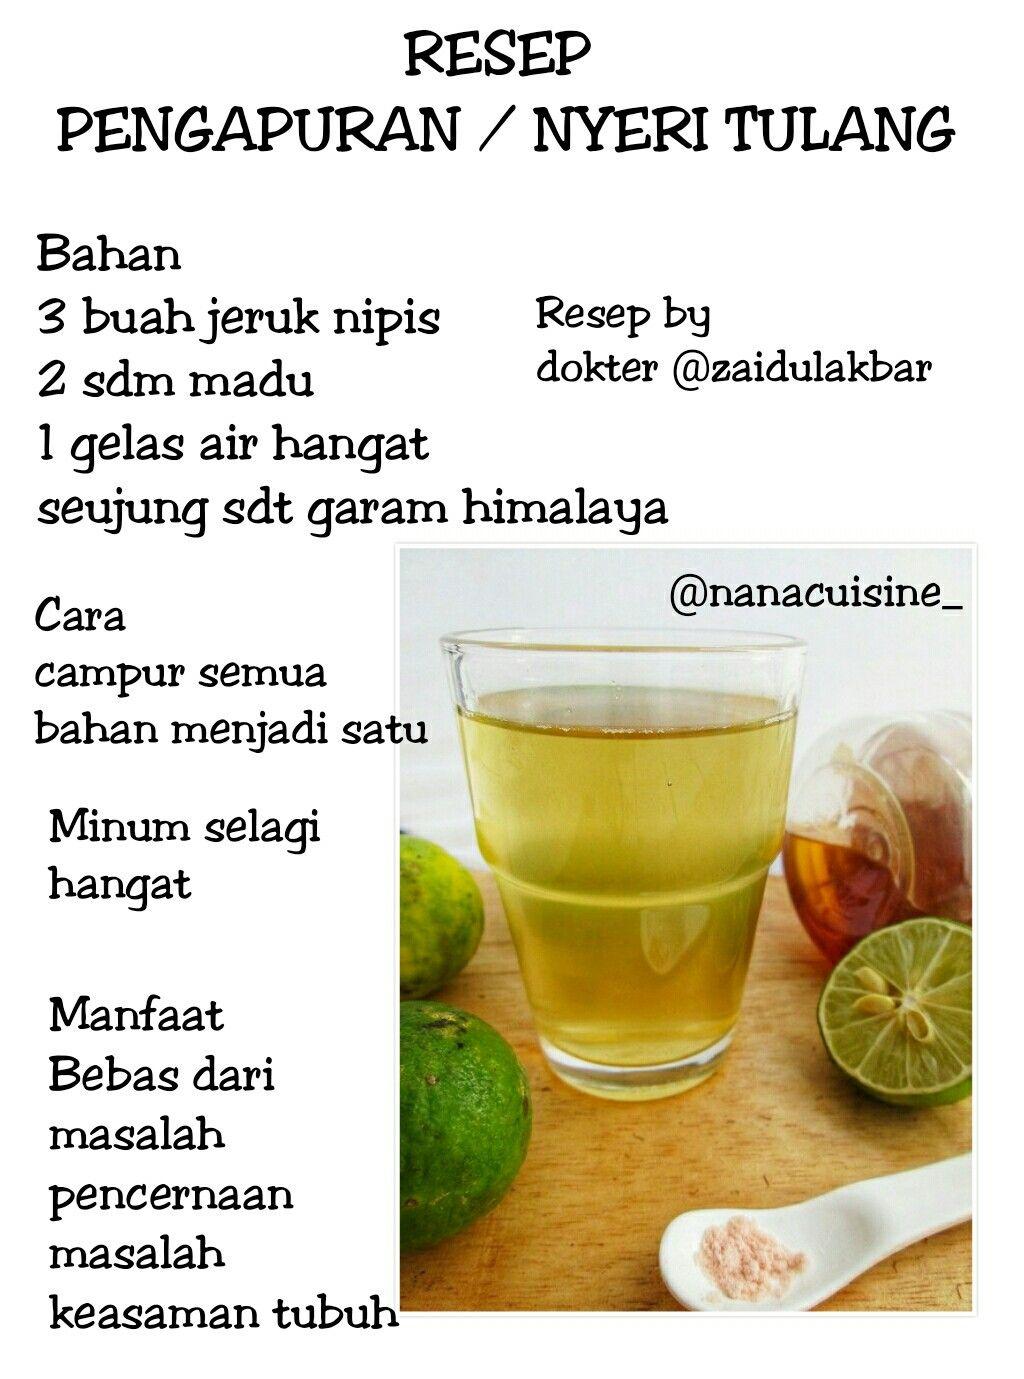 Cara Membuat Minuman Kesehatan : membuat, minuman, kesehatan, Minuman, Herbal, Alami,, Sehat,, Kesehatan, Alternatif